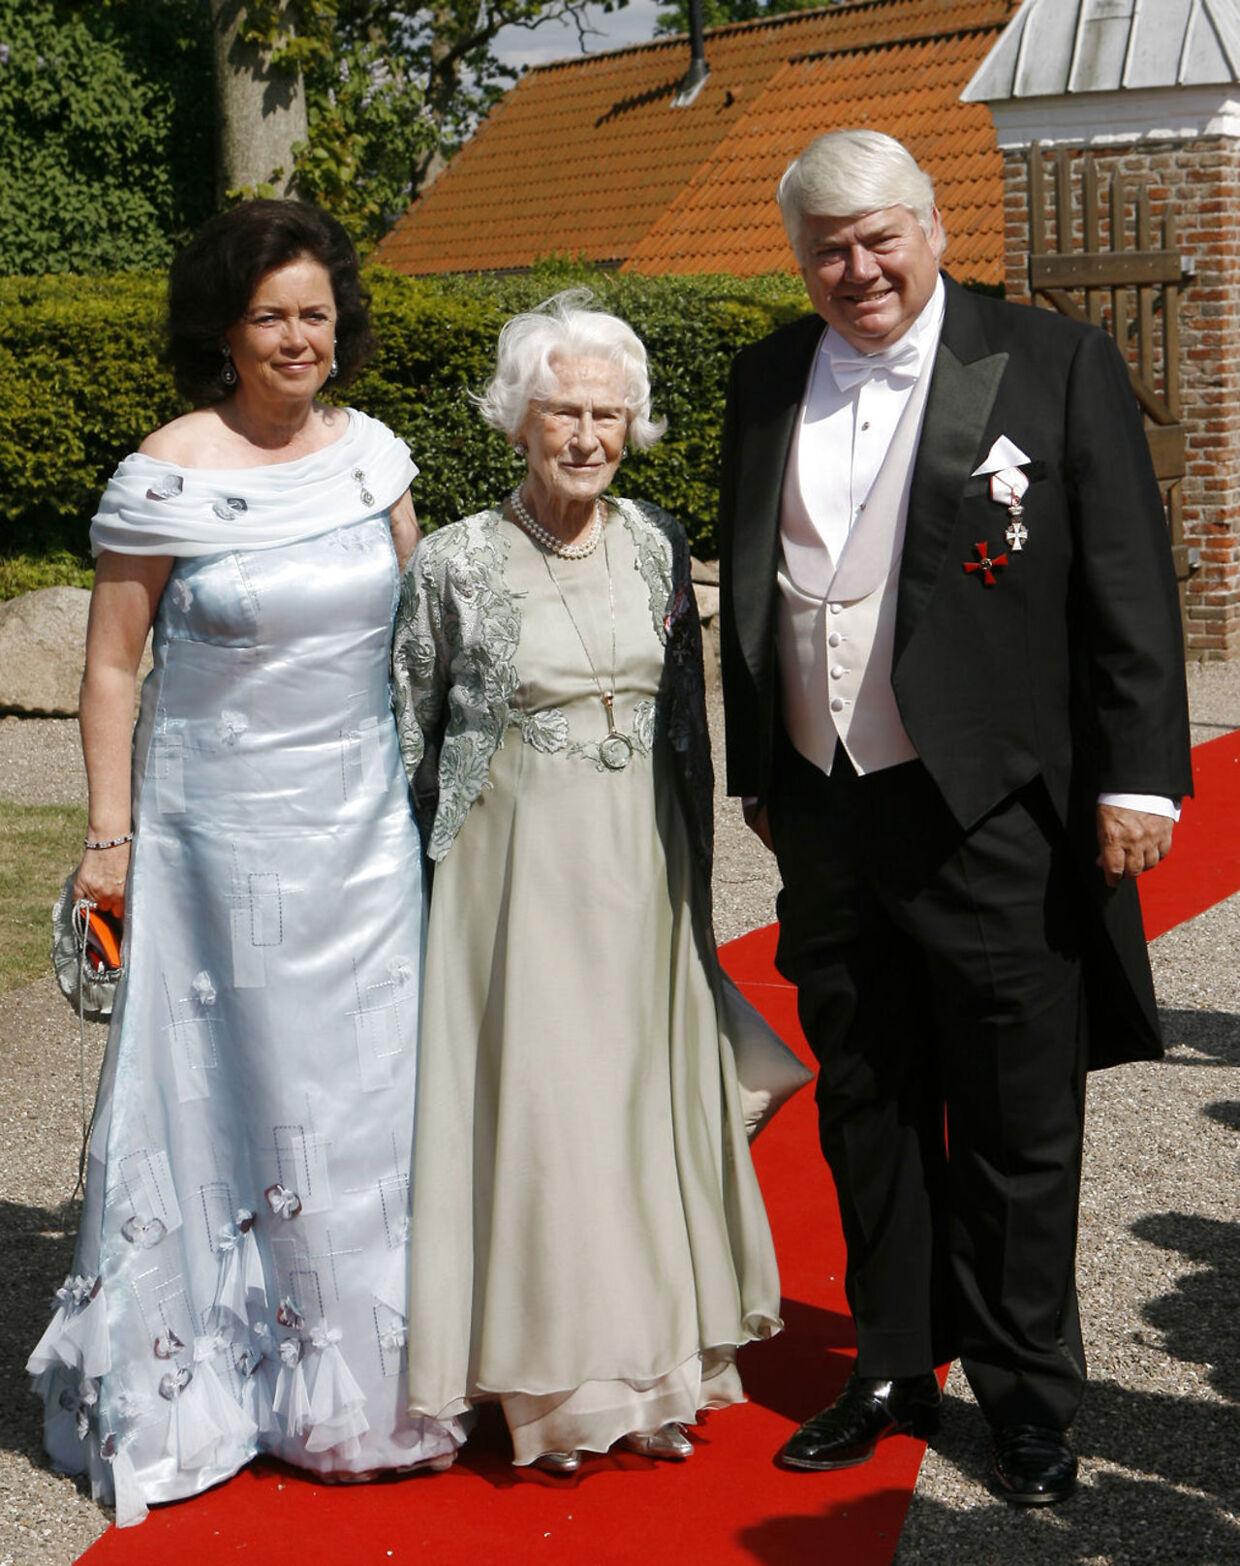 Prins Joachim og Marie Cavallier bryllup i Møgeltønder Kirke lørdag d. 24. maj 2008. Anette Nøhr Clausen, Bitten Clausen og Jørgen Mads Clausen fra Danfossimperiet.